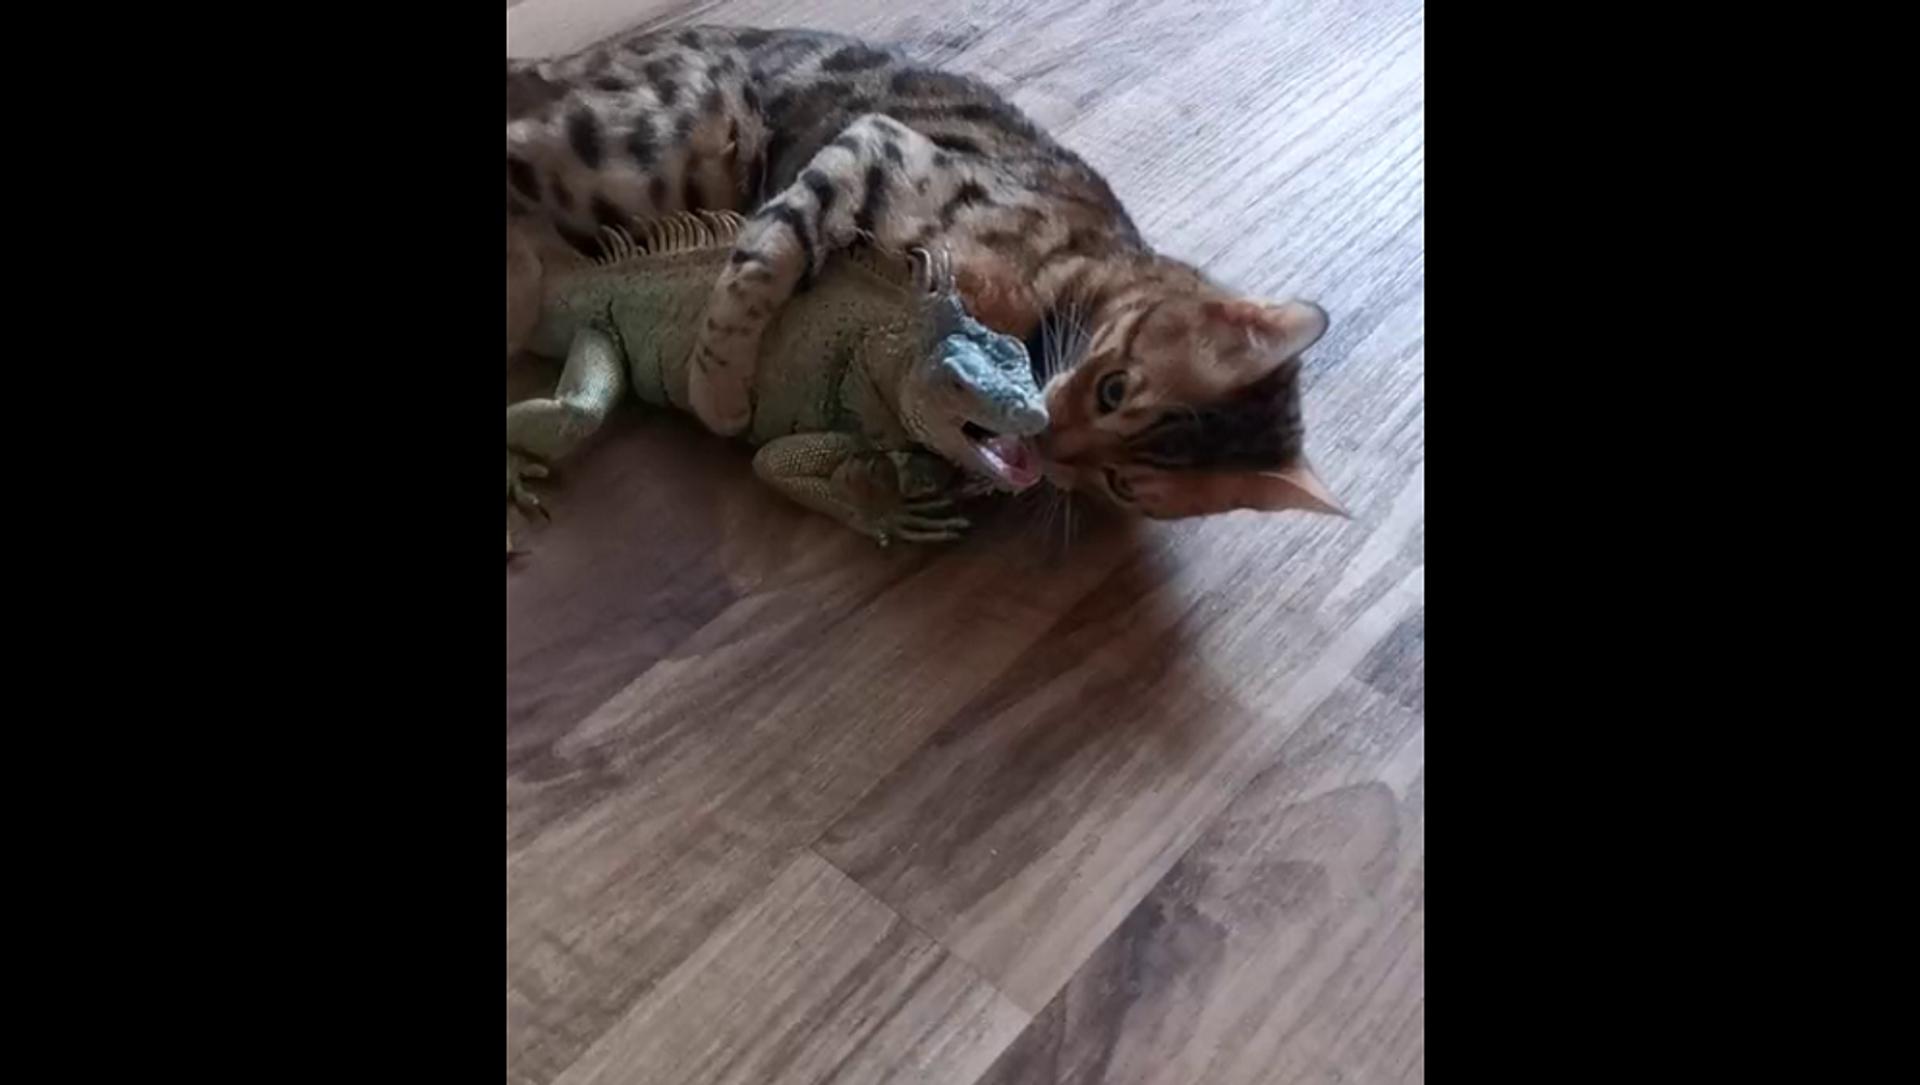 Странная парочка: поцелуи и обнимашки кота с игуаной умилили Сеть – видео - Sputnik Грузия, 1920, 13.07.2021